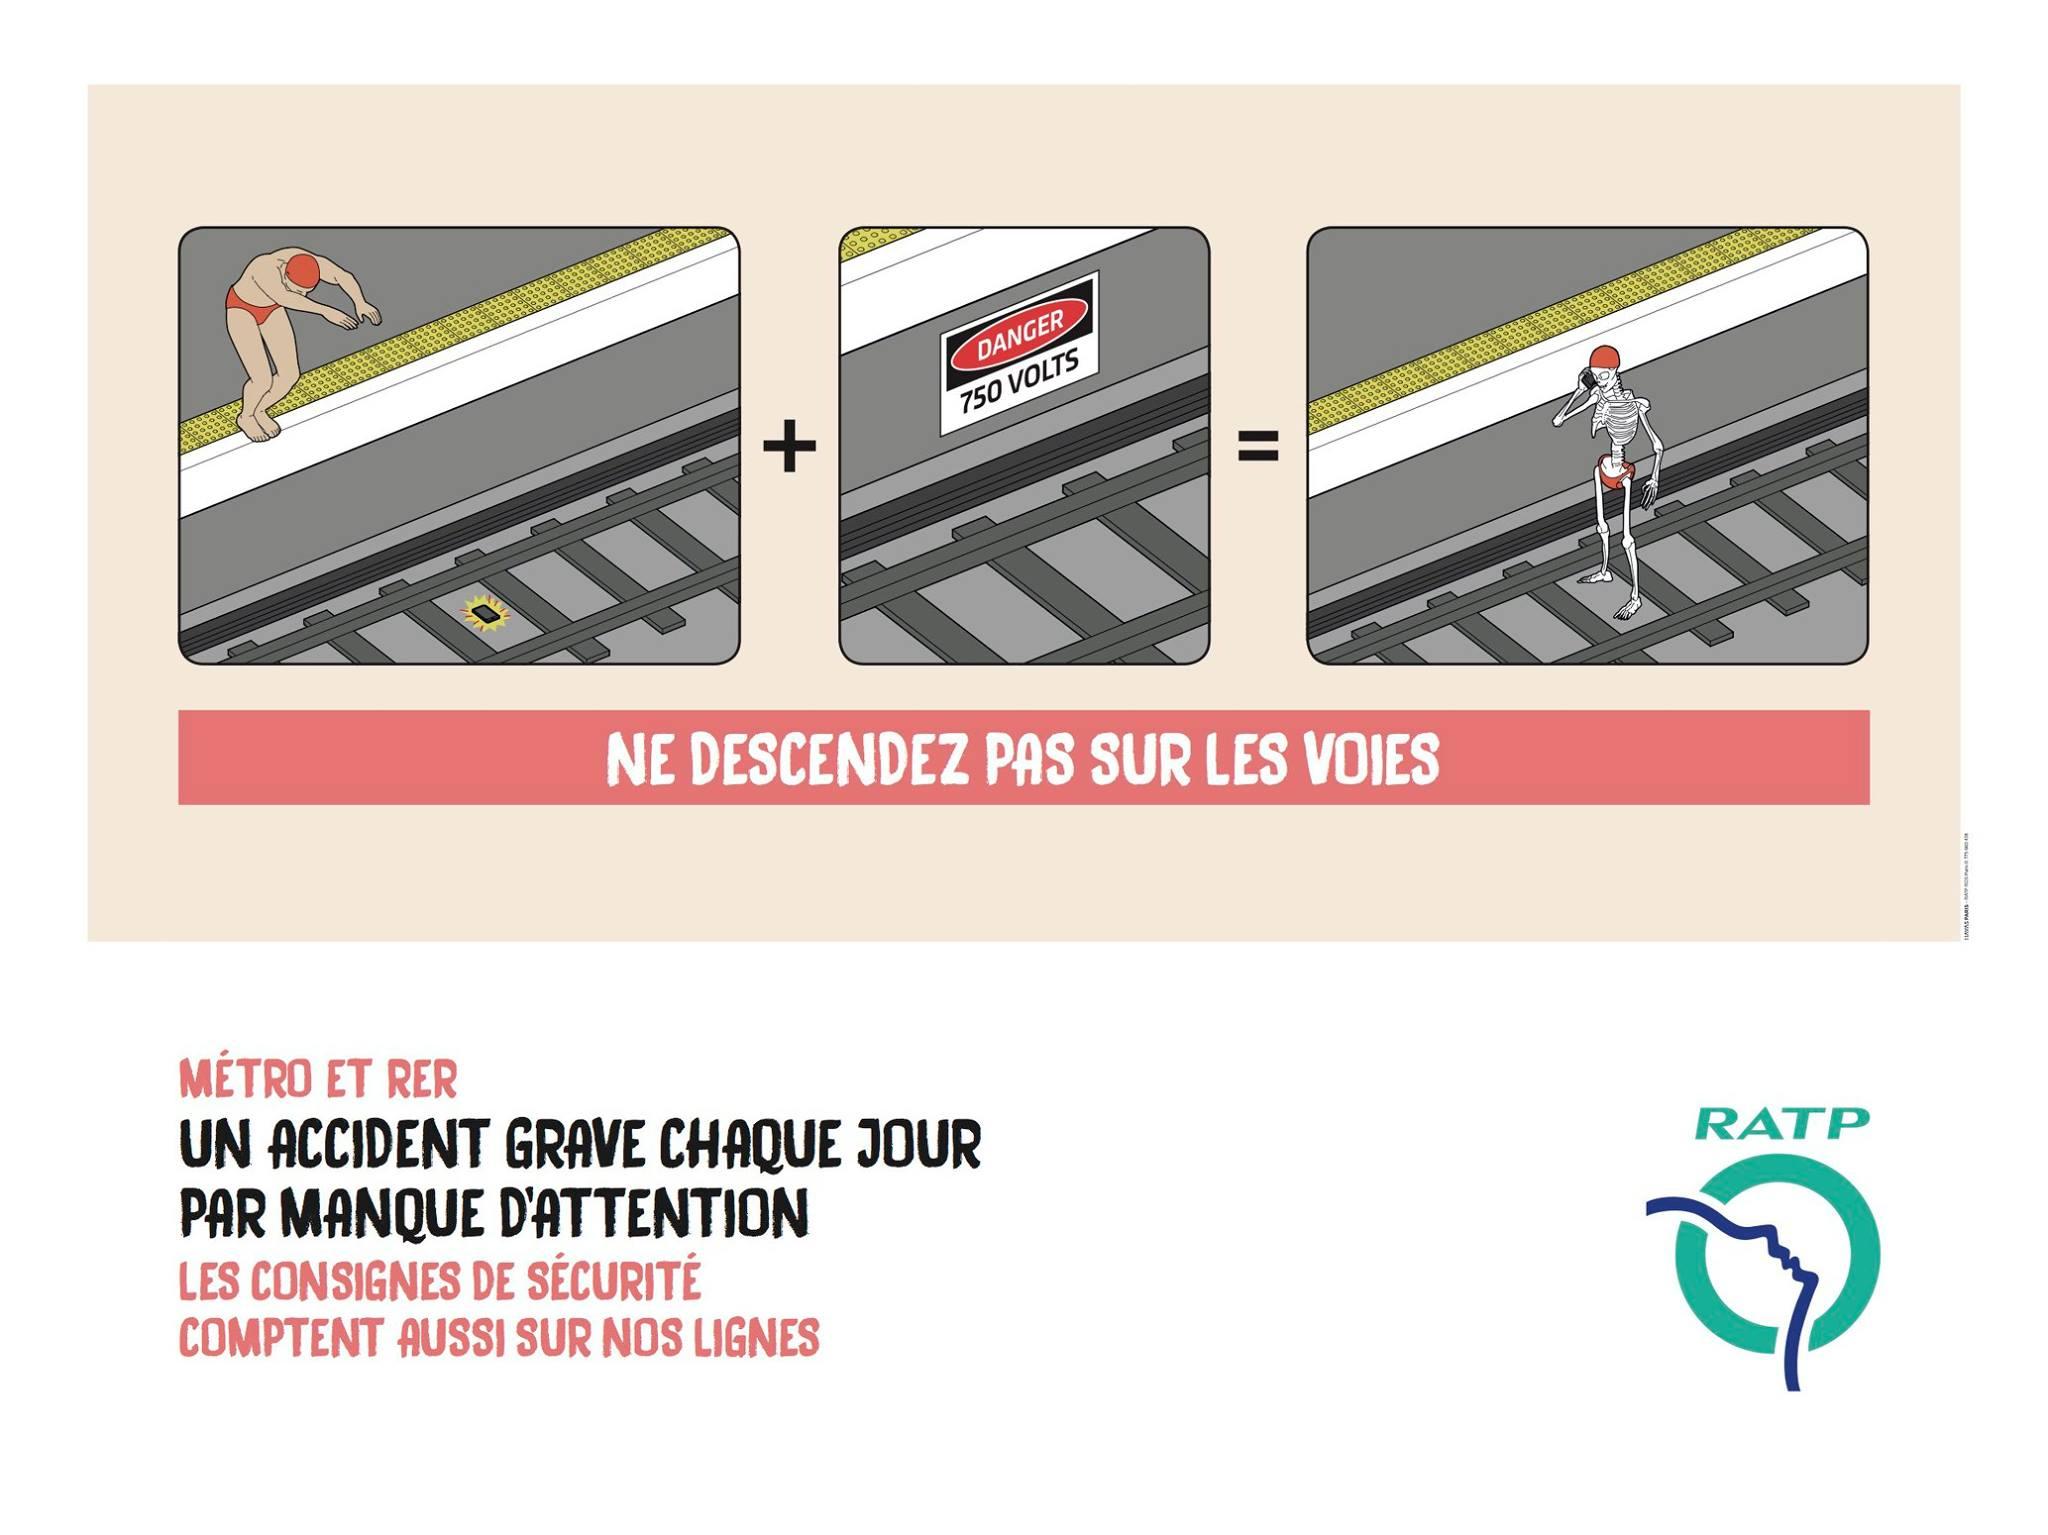 ratp-metro-consignes-securite-2016-publicite-danger-havas-paris-5